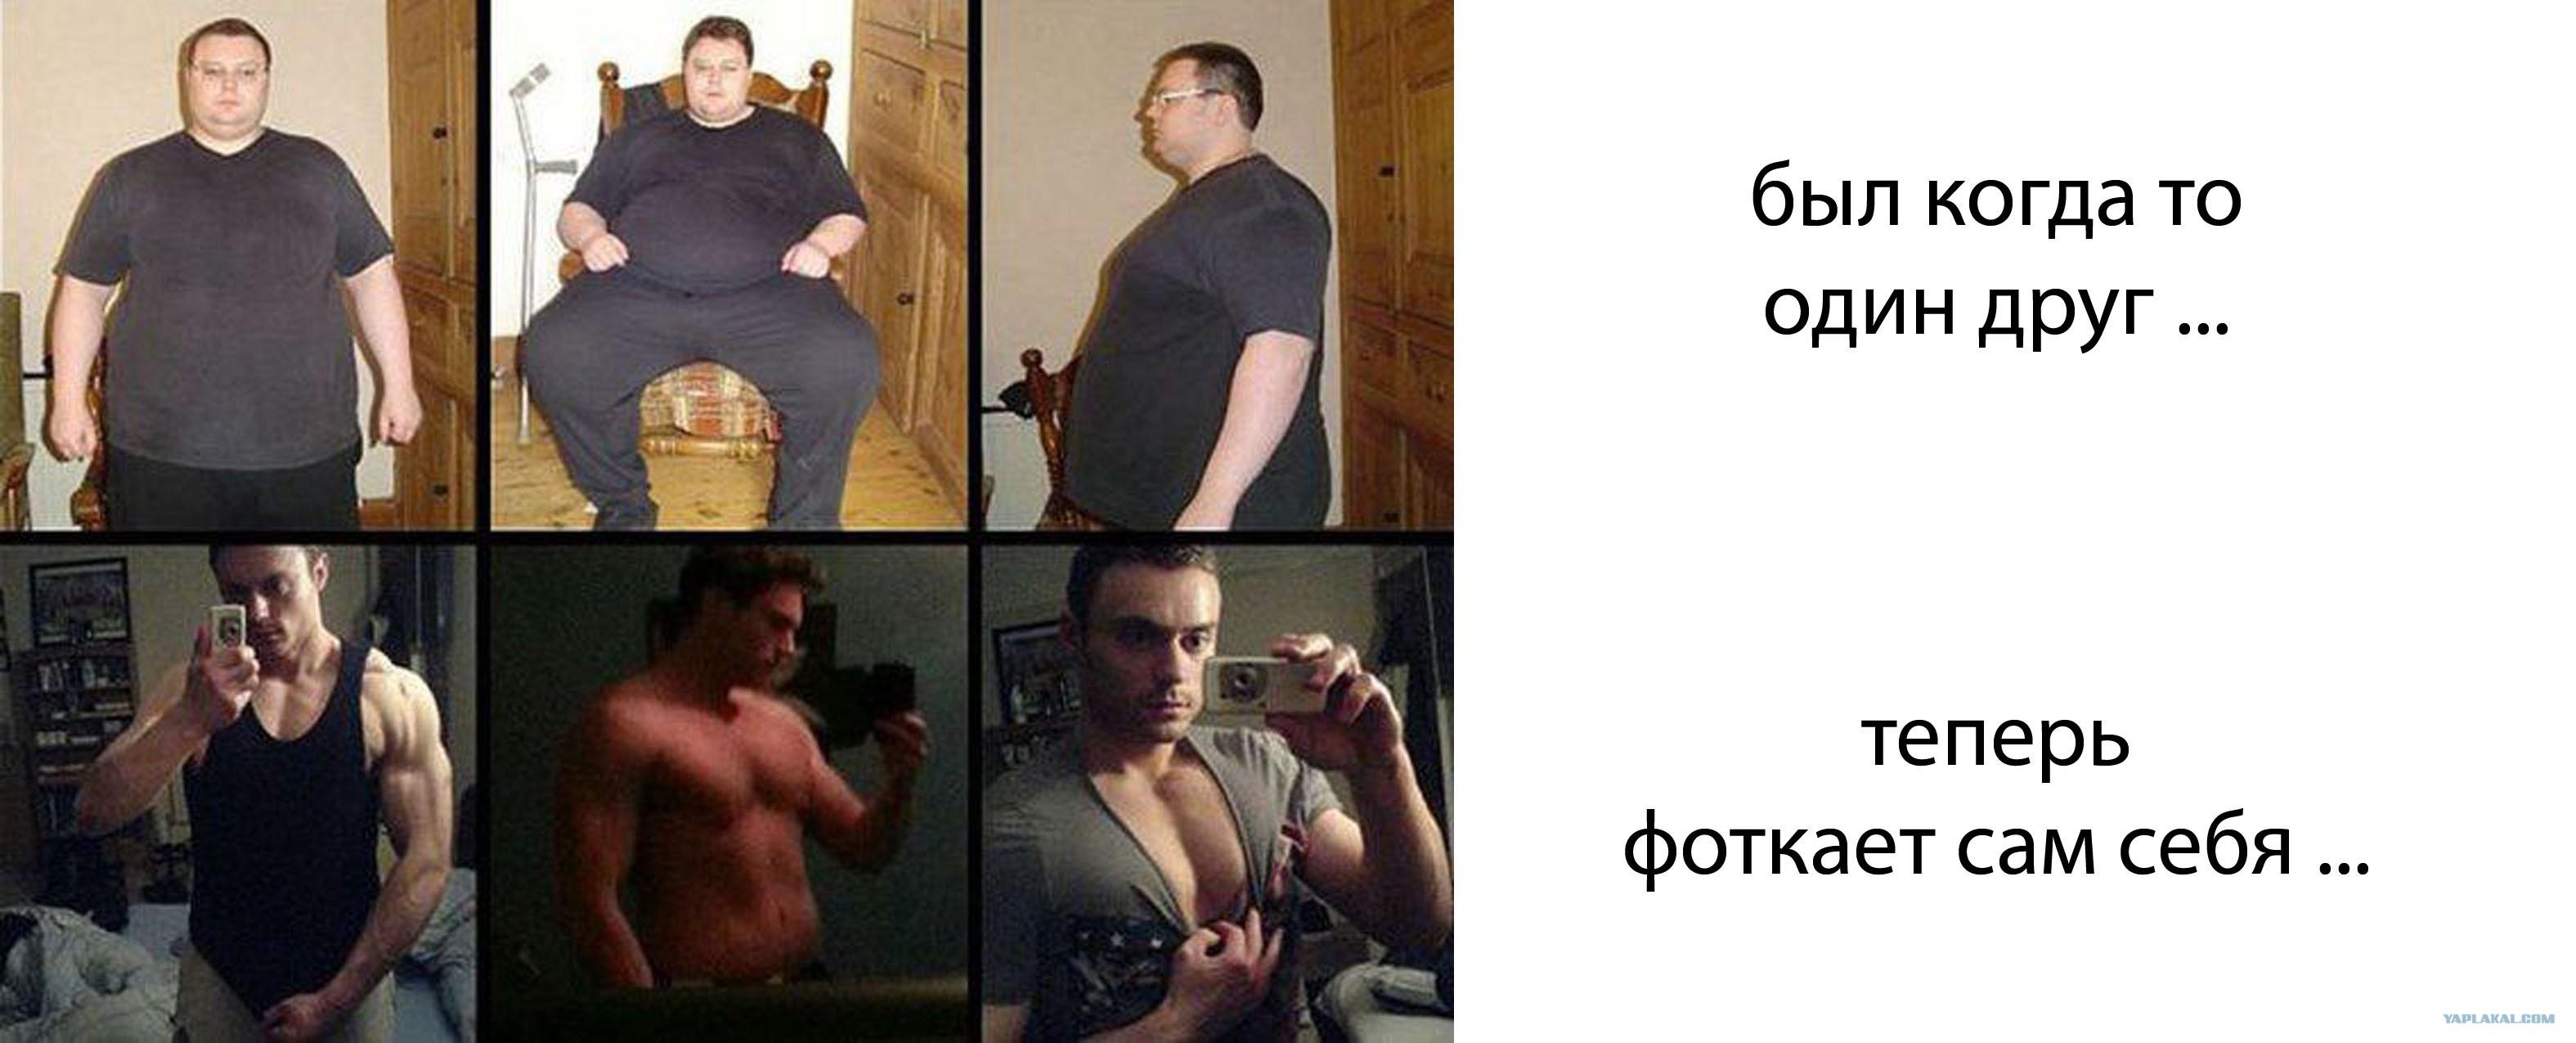 perviy-seksualniy-opit-dlya-muzhchini-pozdniy